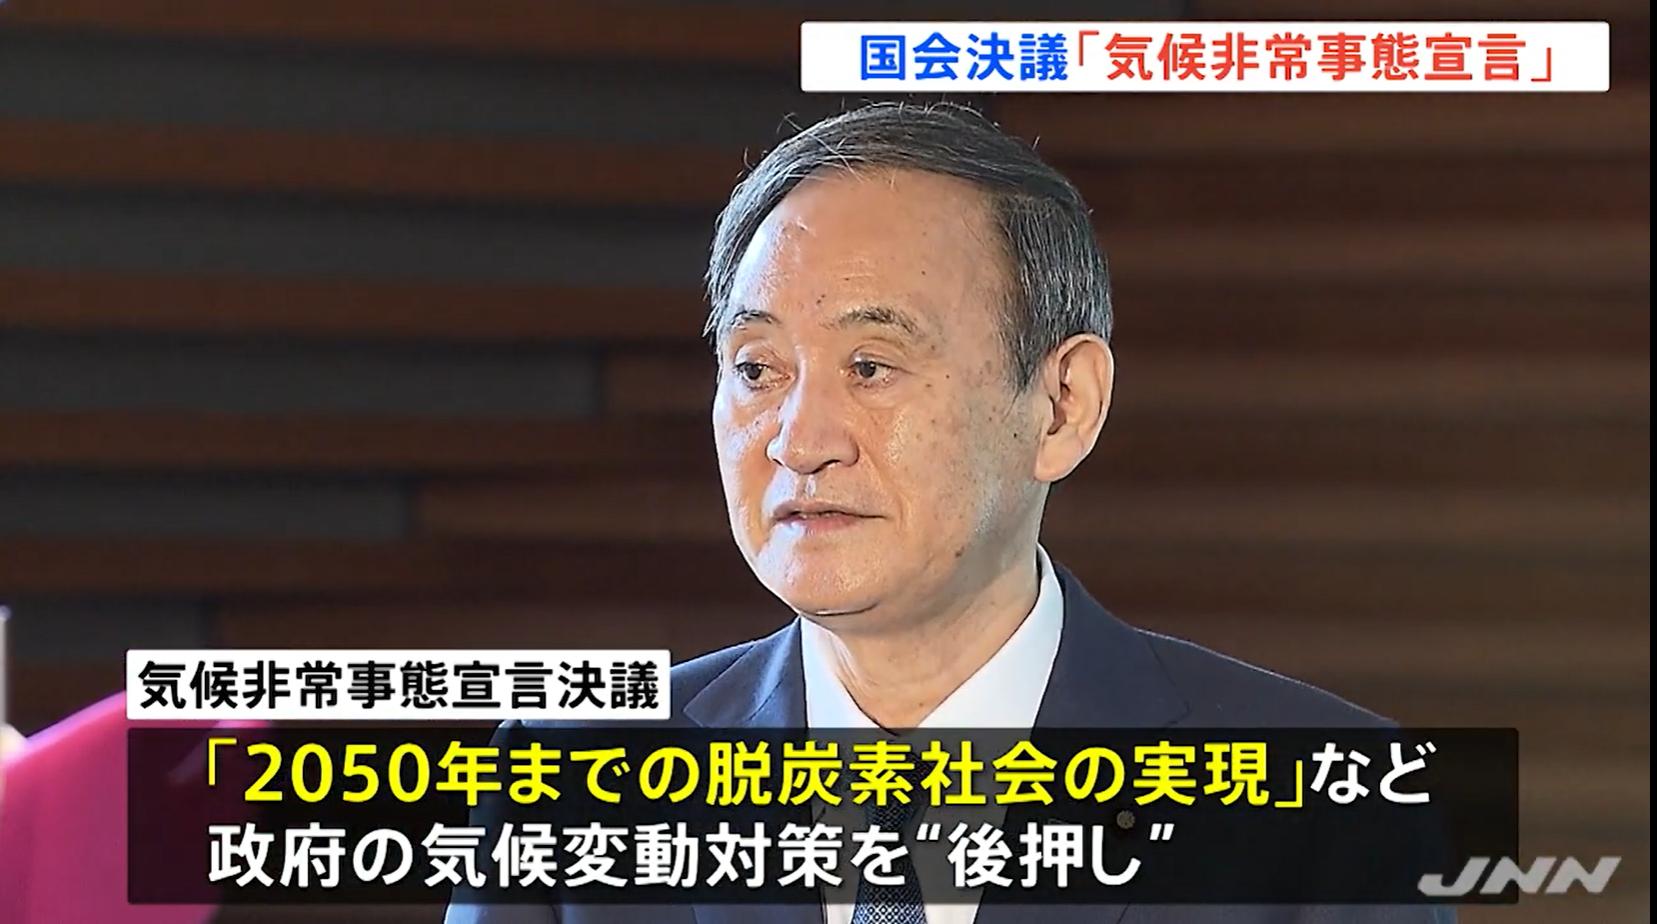 日本國會通過「氣候緊急聲明決議」